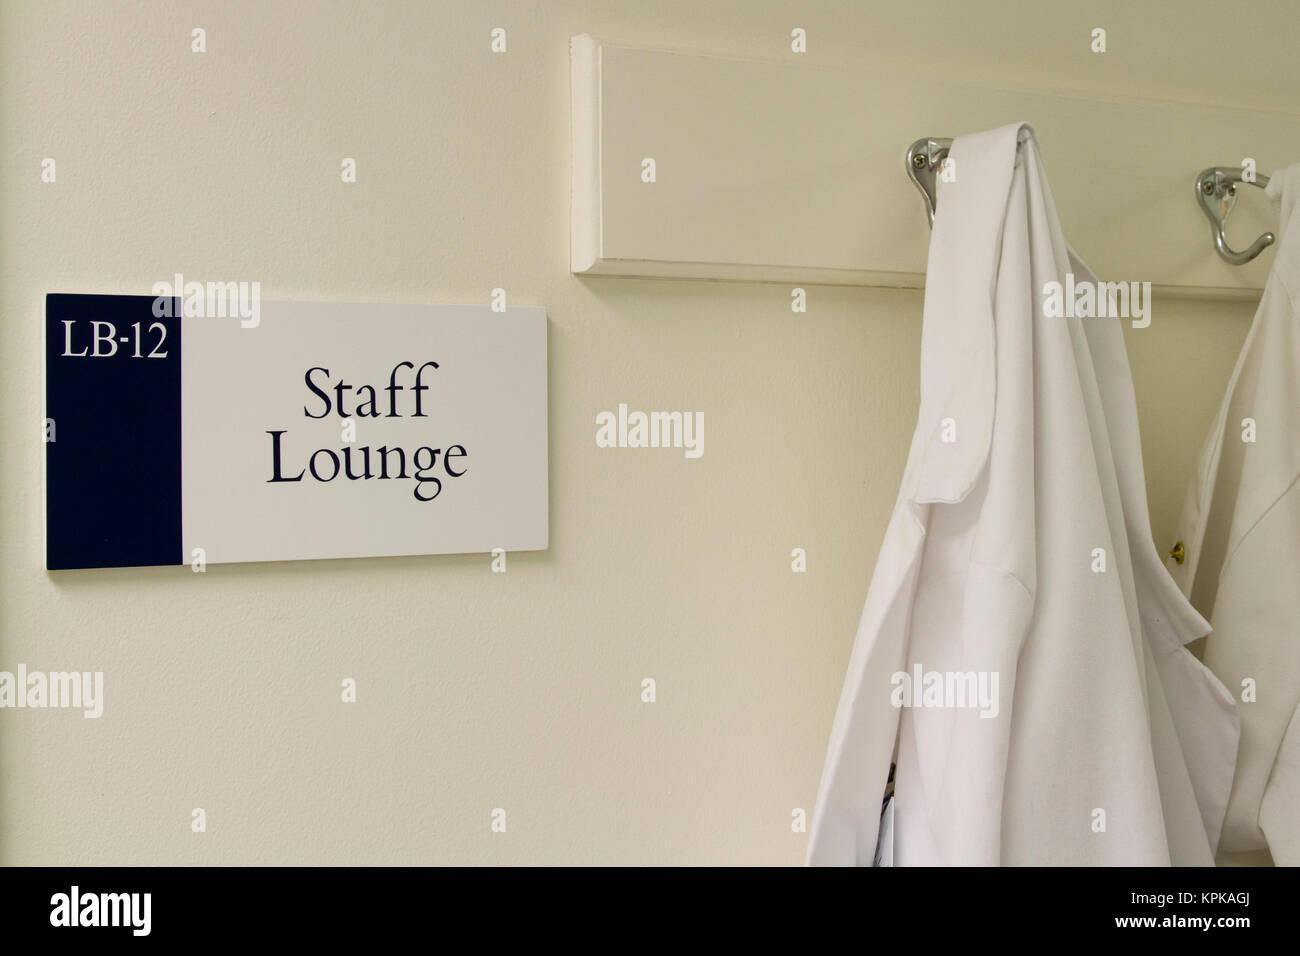 Bata de laboratorio al personal lounge en laboratorio del hospital. Imagen De Stock